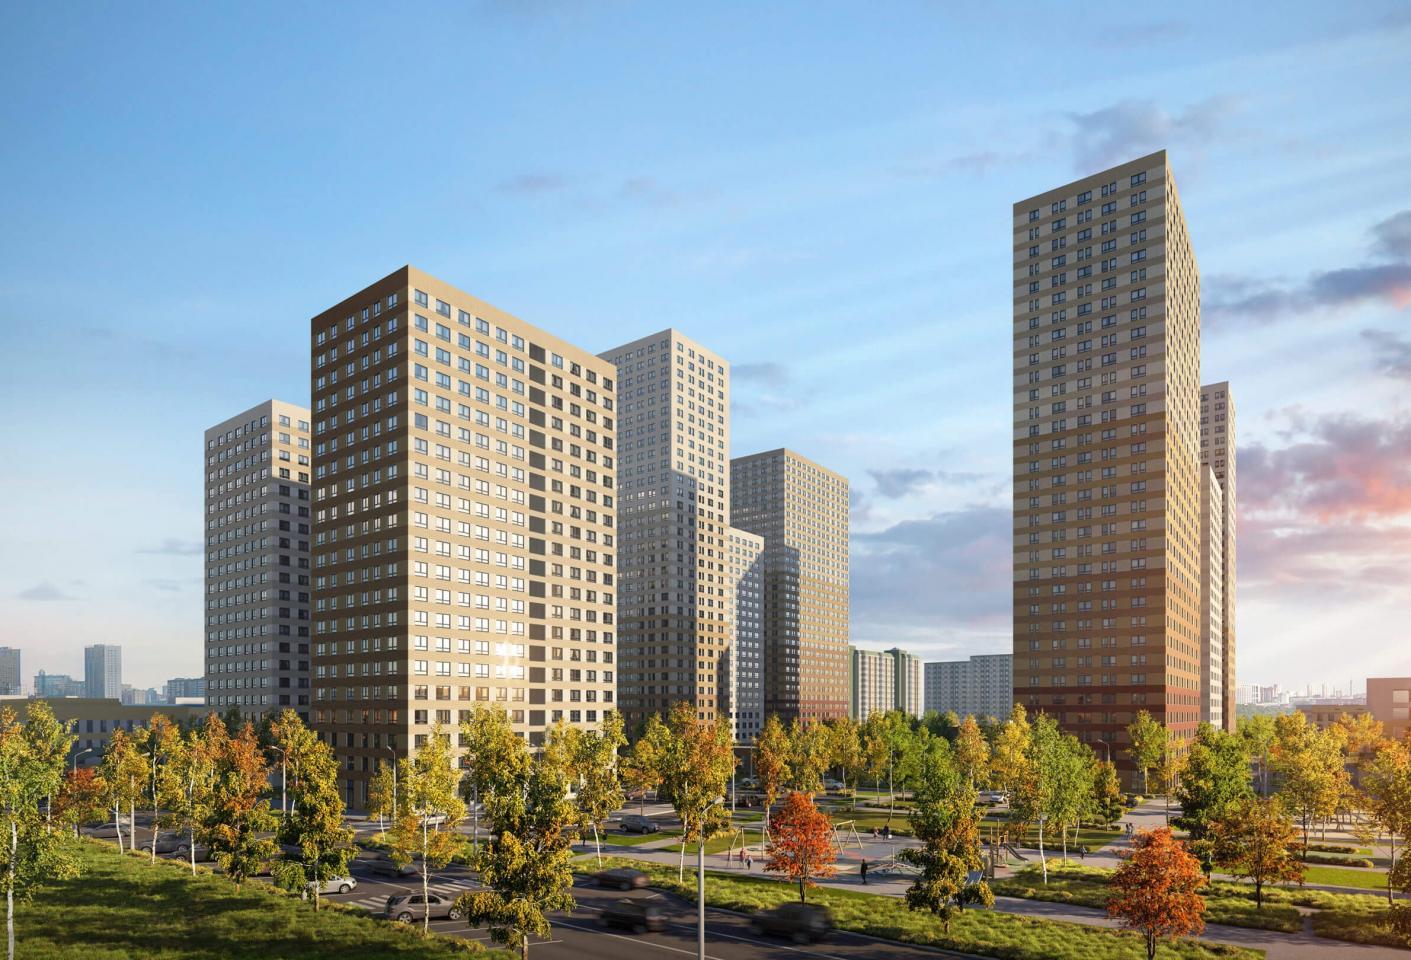 В новых корпусах ЖК «Кронштадтский 9» начались продажи квартир